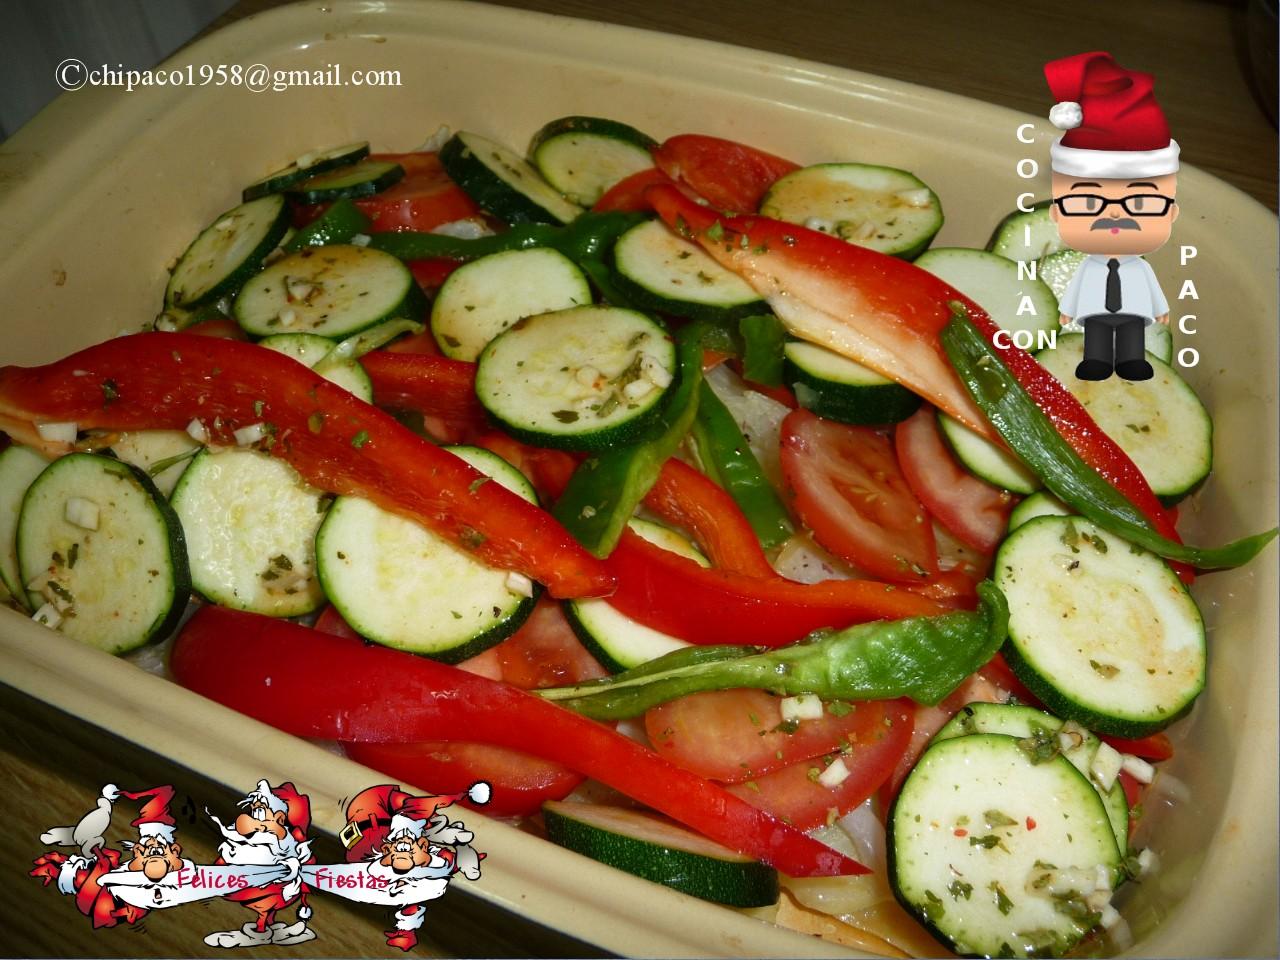 Cocina con paco panga al horno con verduras - Verduras rellenas al horno ...